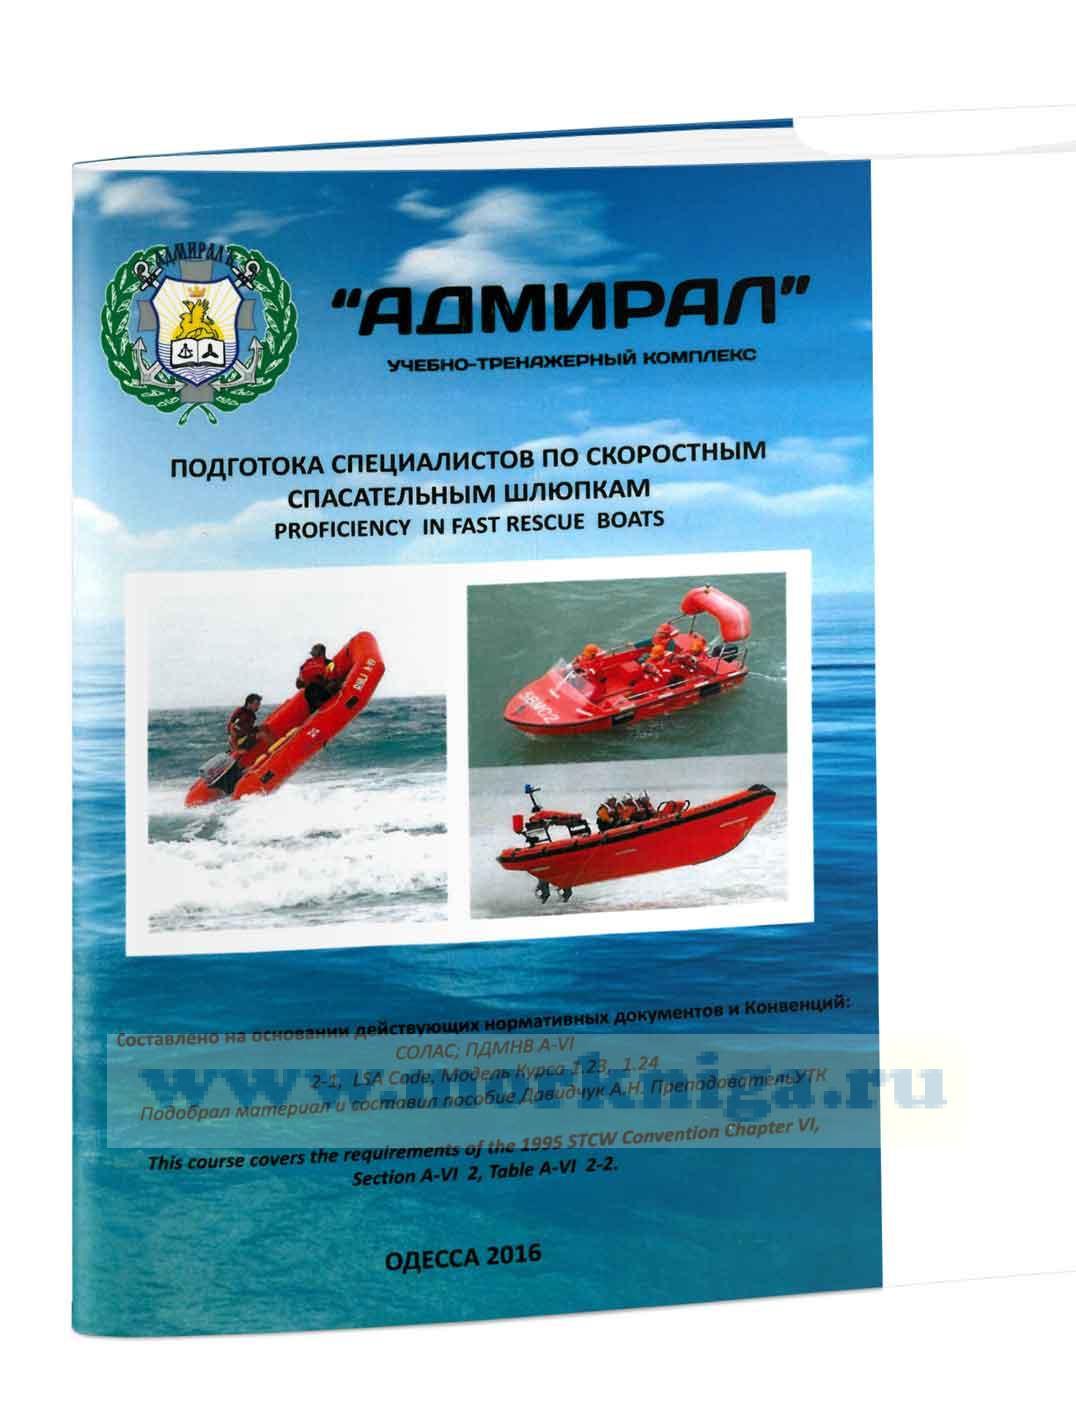 Подготовка специалистов по скоростным спасательным шлюпкам. Proficiency in fast rescue boats